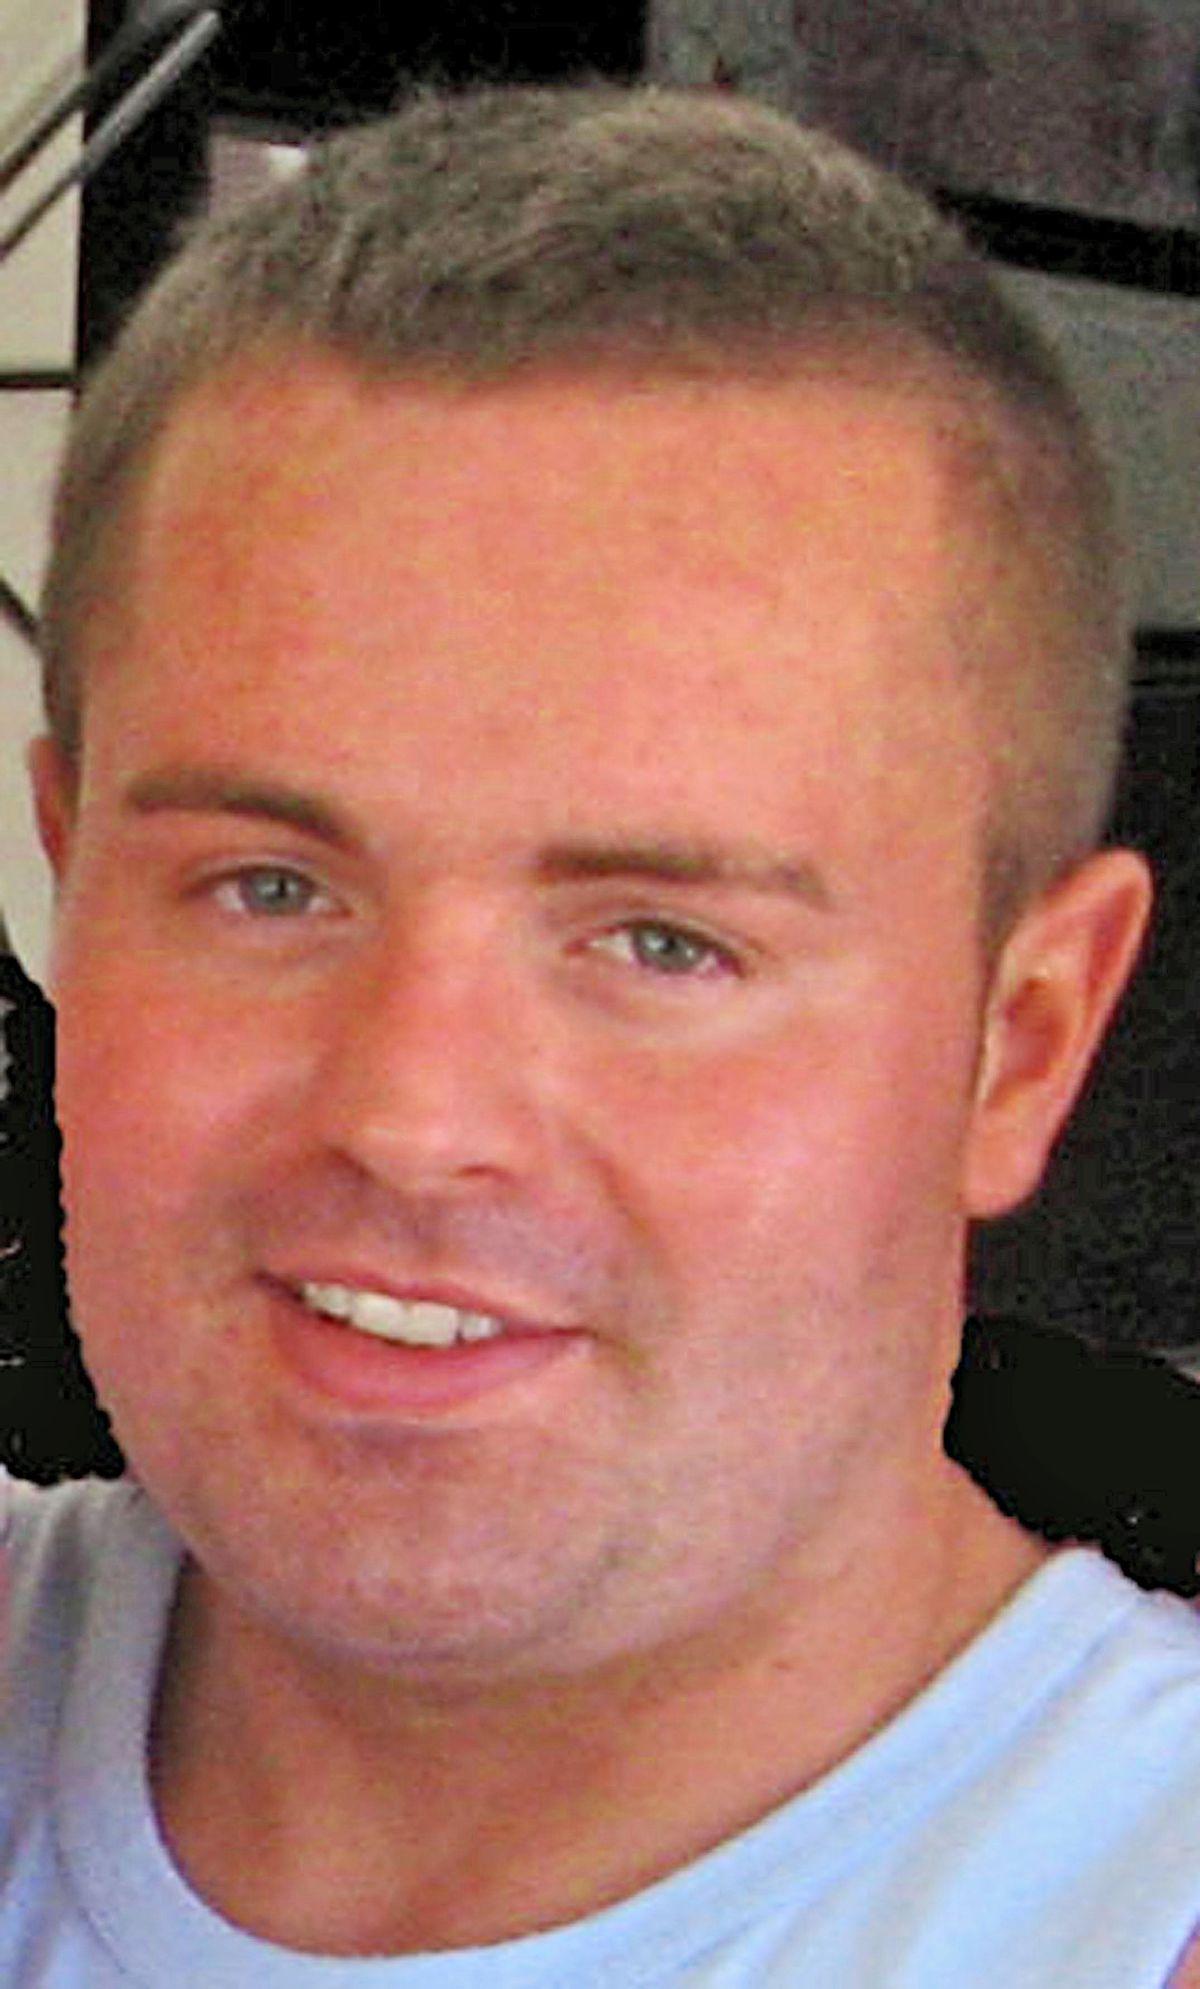 Richard Deakin was aged 27 when he was shot dead in his bed